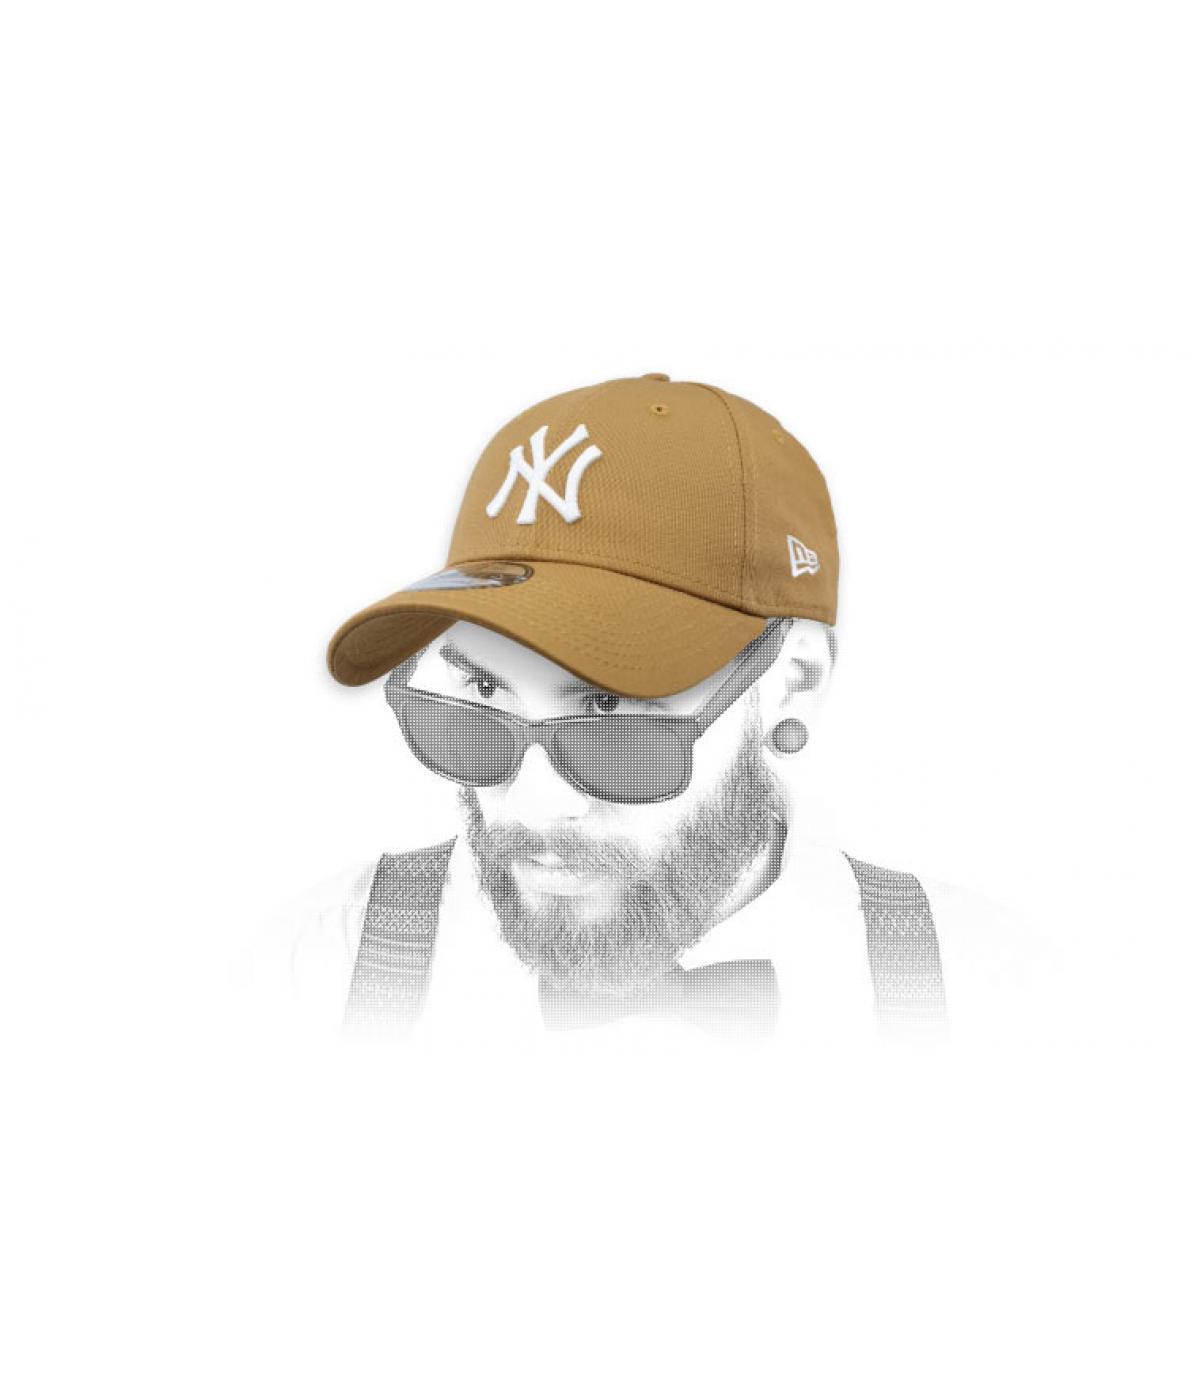 Cap NY - Cap New York Yankees ac572061fc